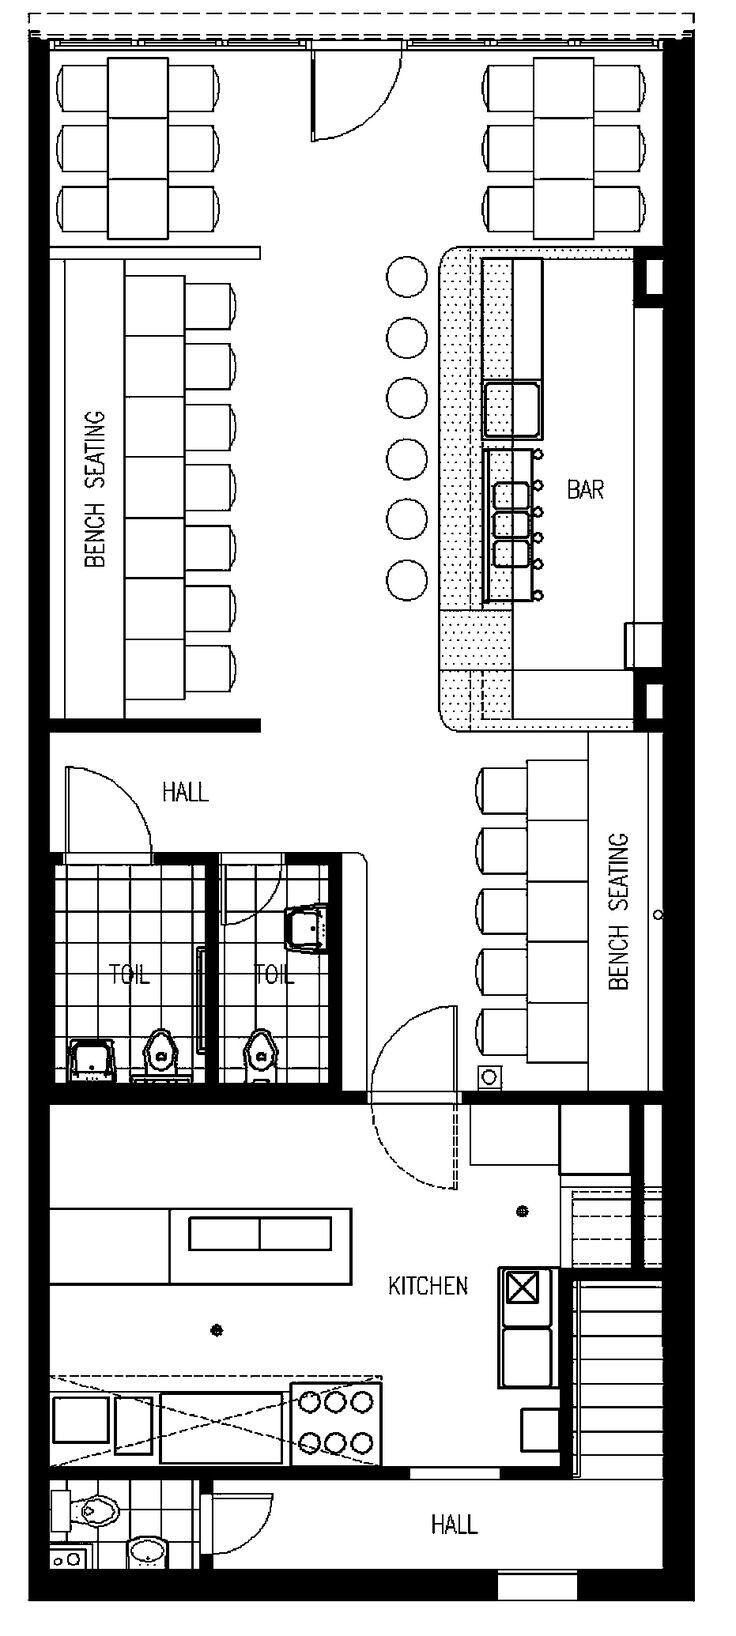 Pin Oleh Apriana N Di Plans Desain Kedai Kopi Desain Restoran The Plan